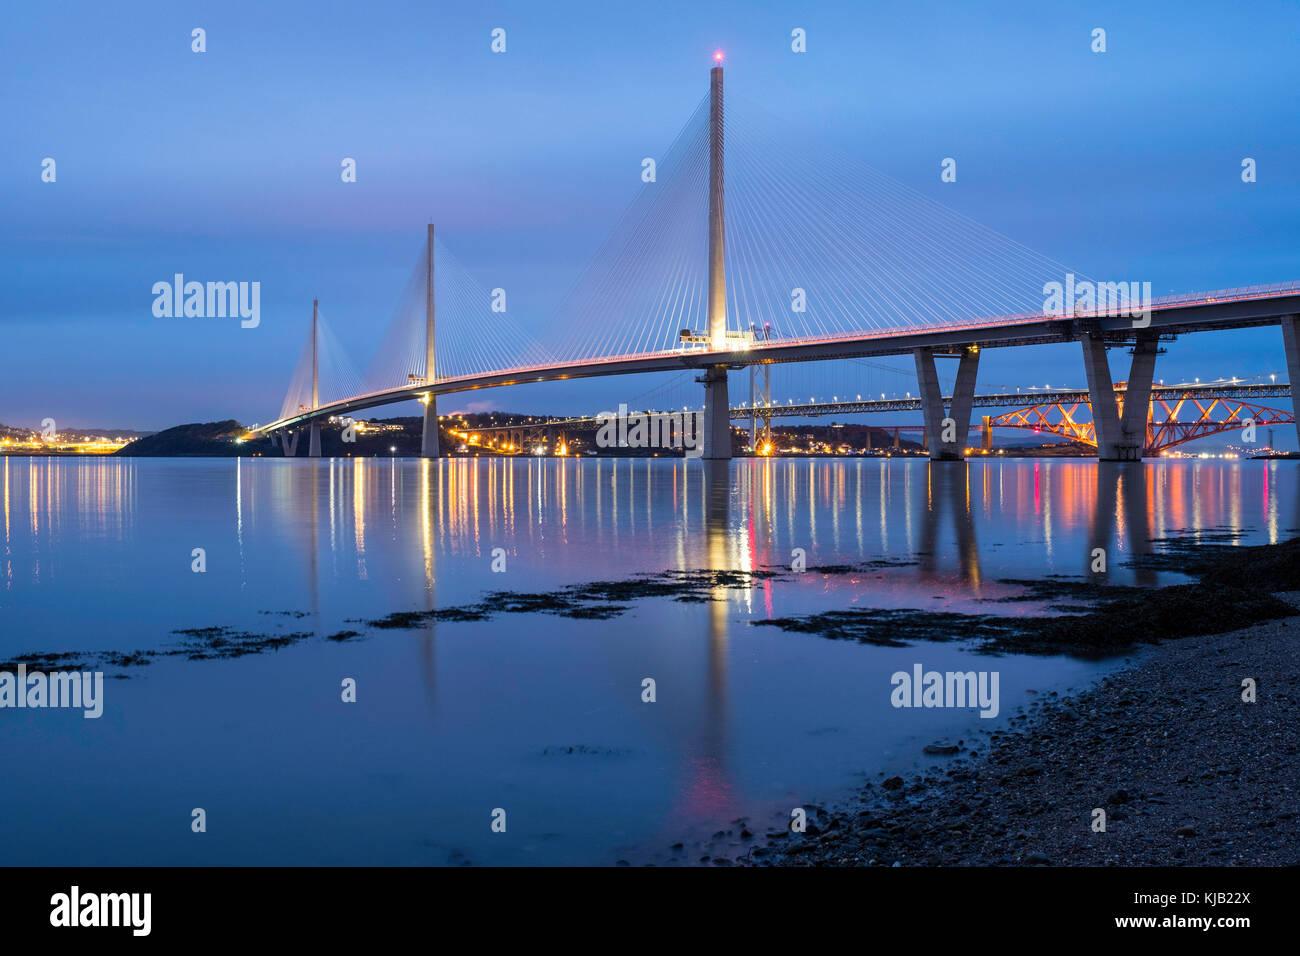 Nacht Blick auf Neue queensferry Kreuzung Brücke überspannt den Fluss Forth in Schottland, Vereinigtes Stockbild